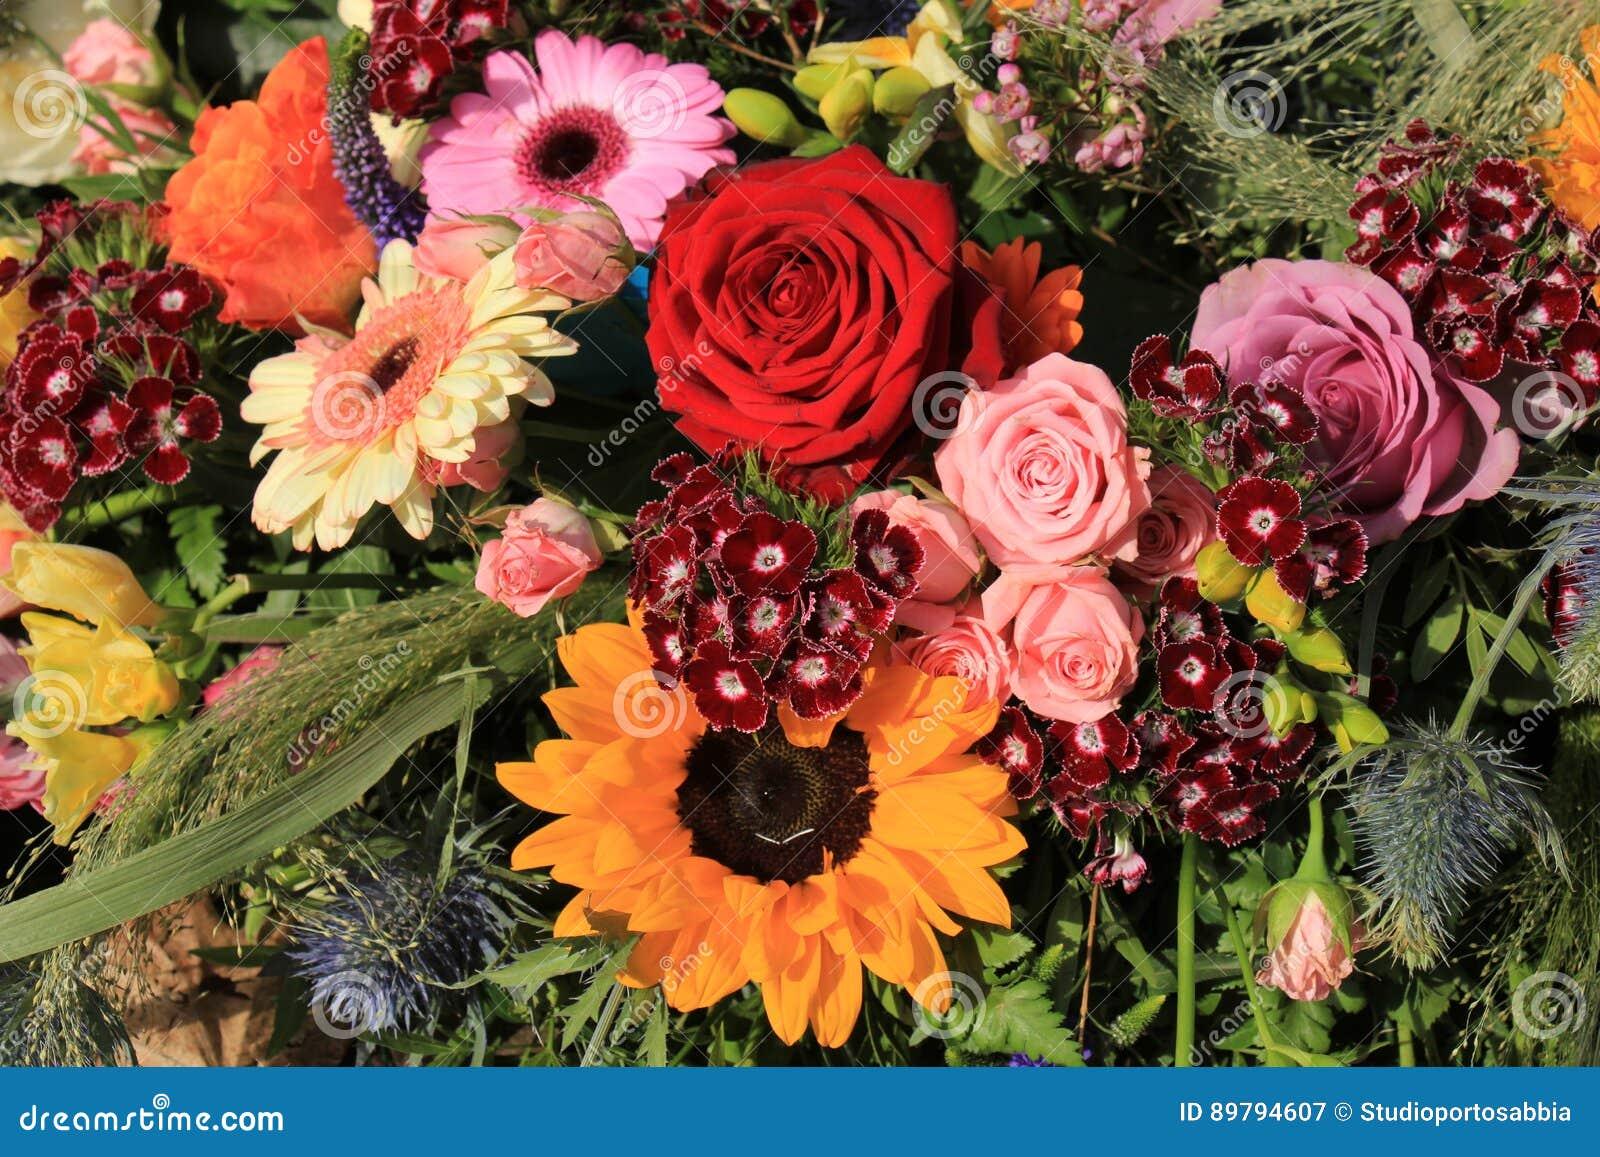 Bunte Hochzeits Blumen Stockbild Bild Von Weiss Gerber 89794607